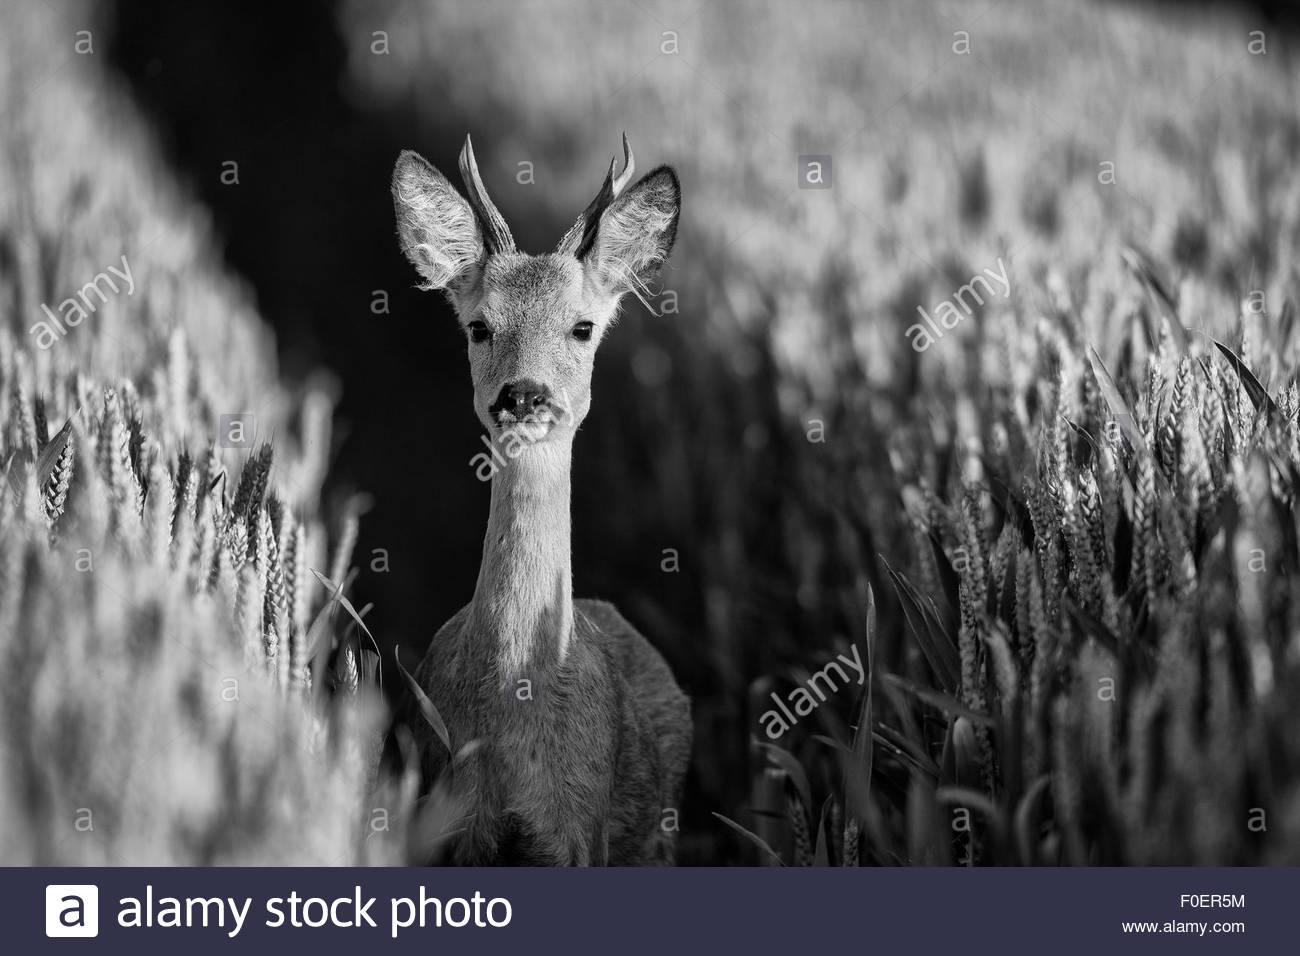 A Roe Deer Buck in Wheat field. - Stock Image